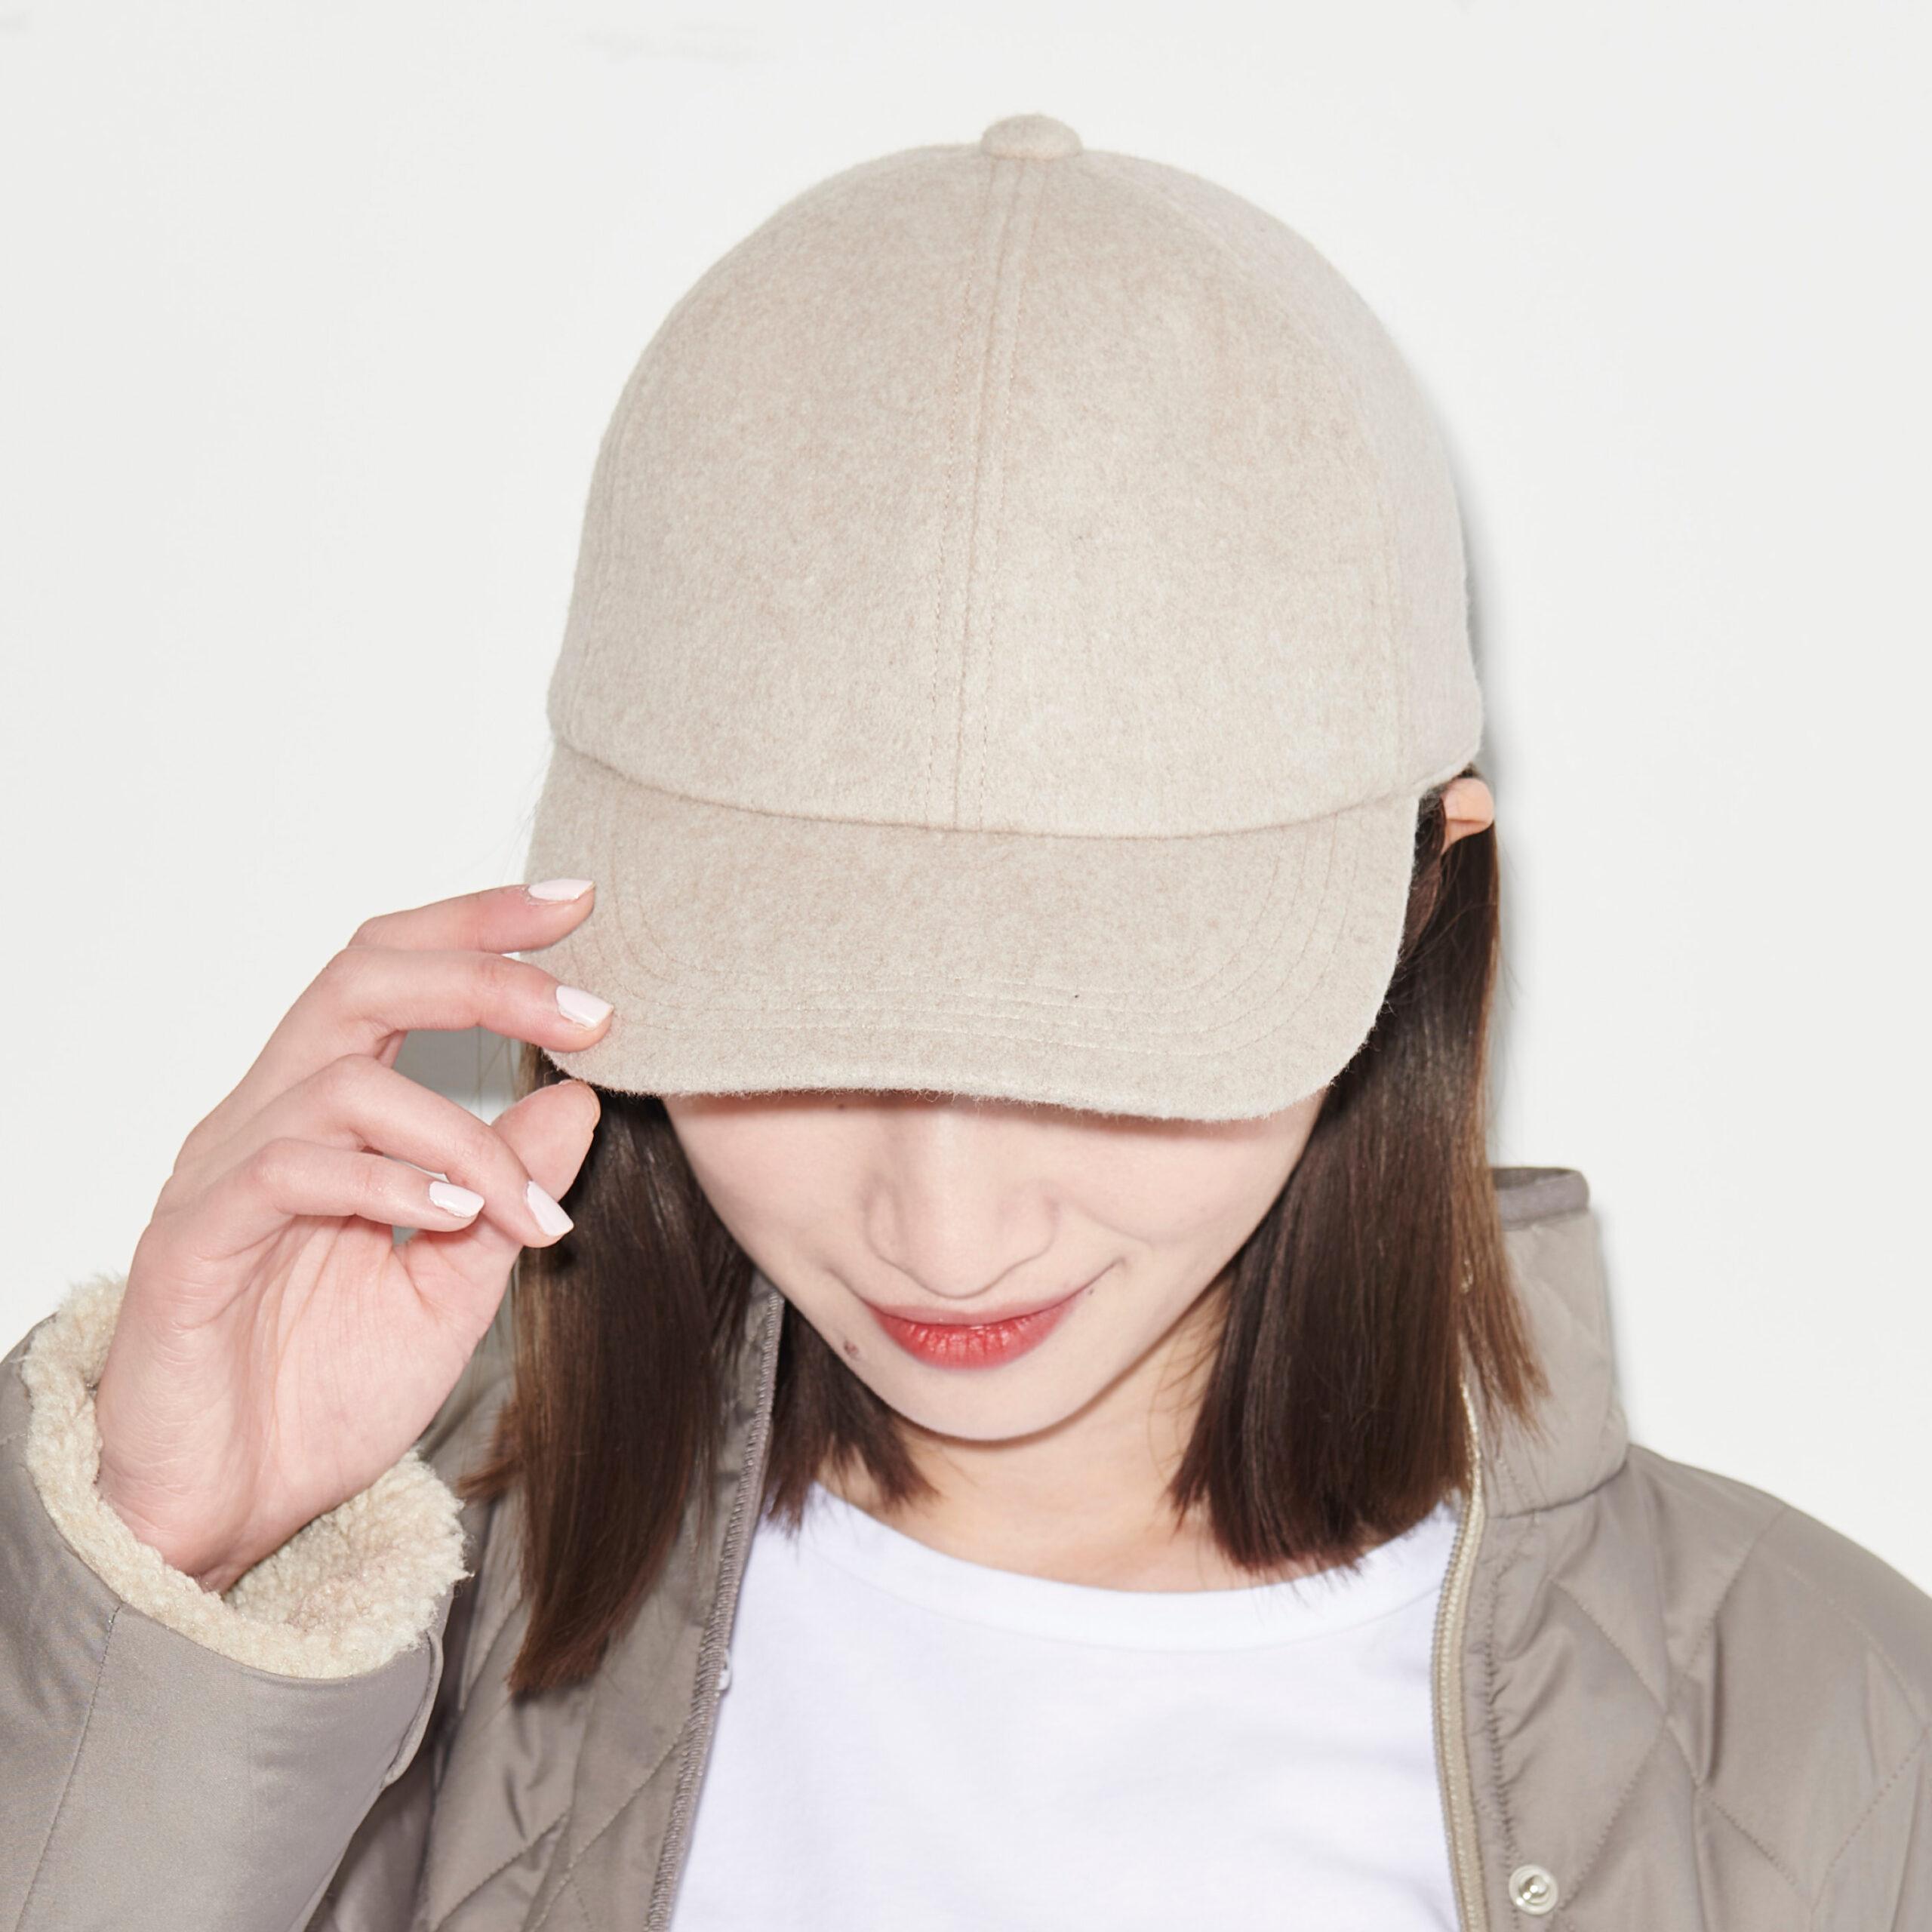 upper hights アッパーハイツ キャップ キャップコーデ cap 帽子 おしゃれキャップ